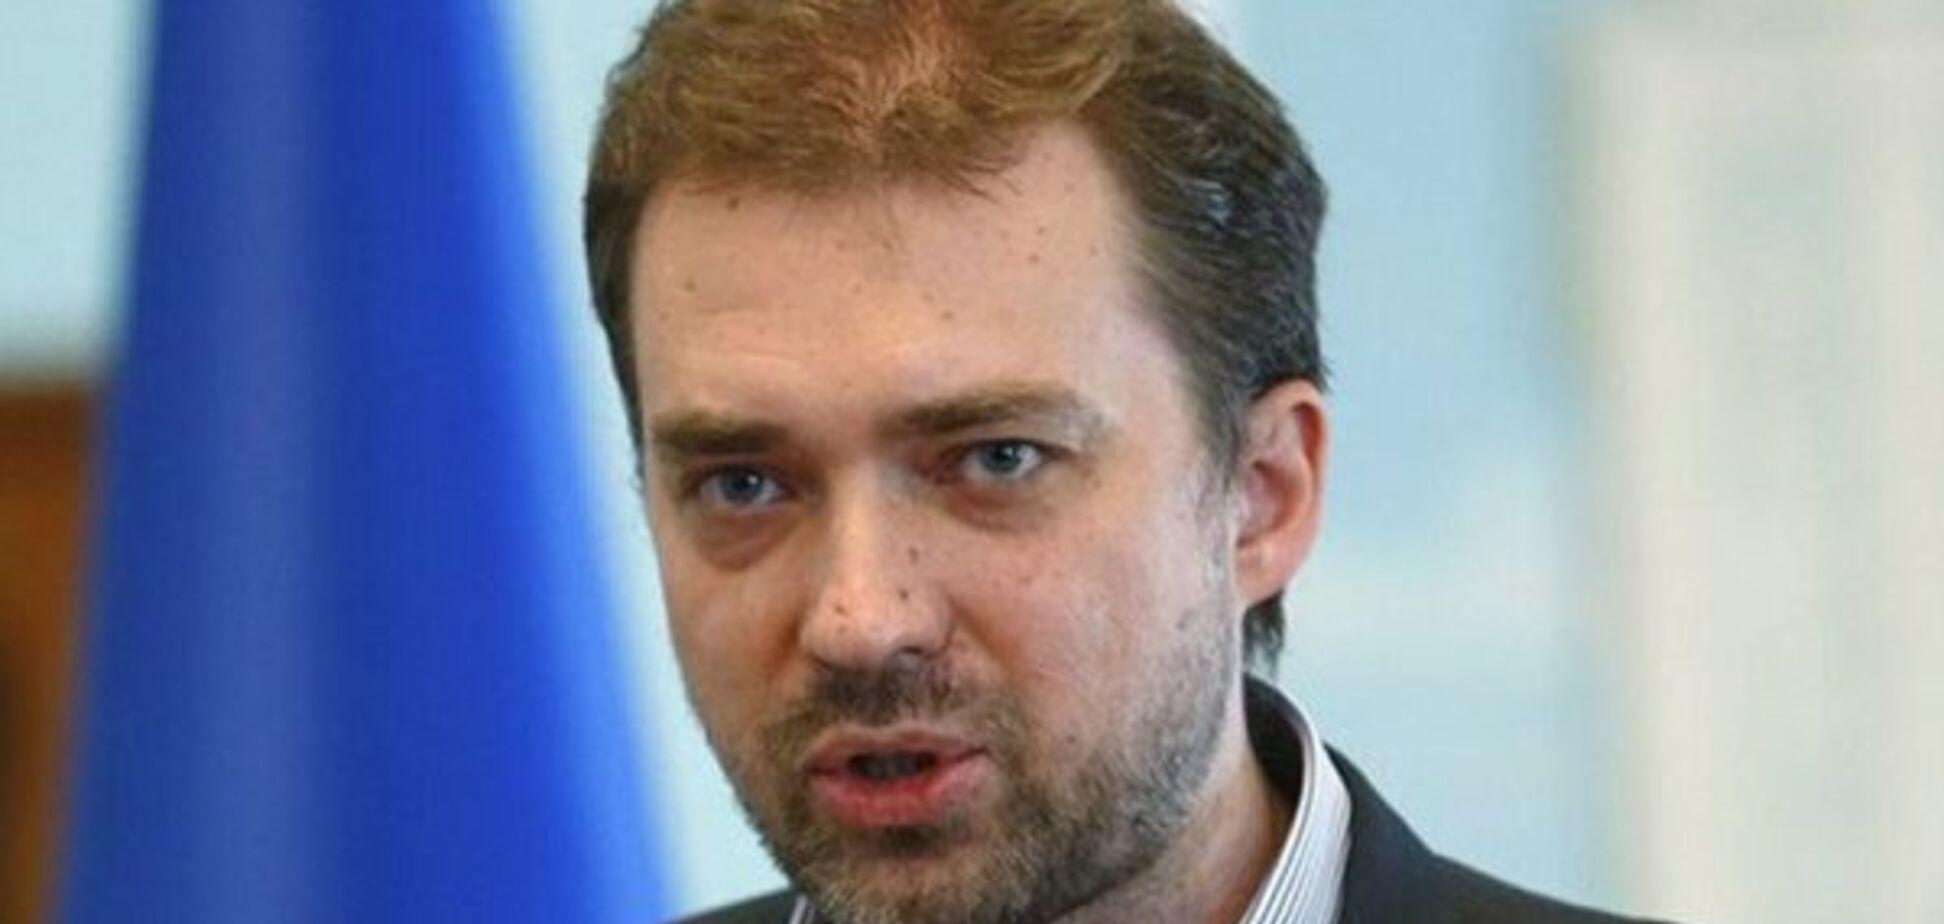 Загороднюк назвав відмінний час для завершення війни на Донбасі